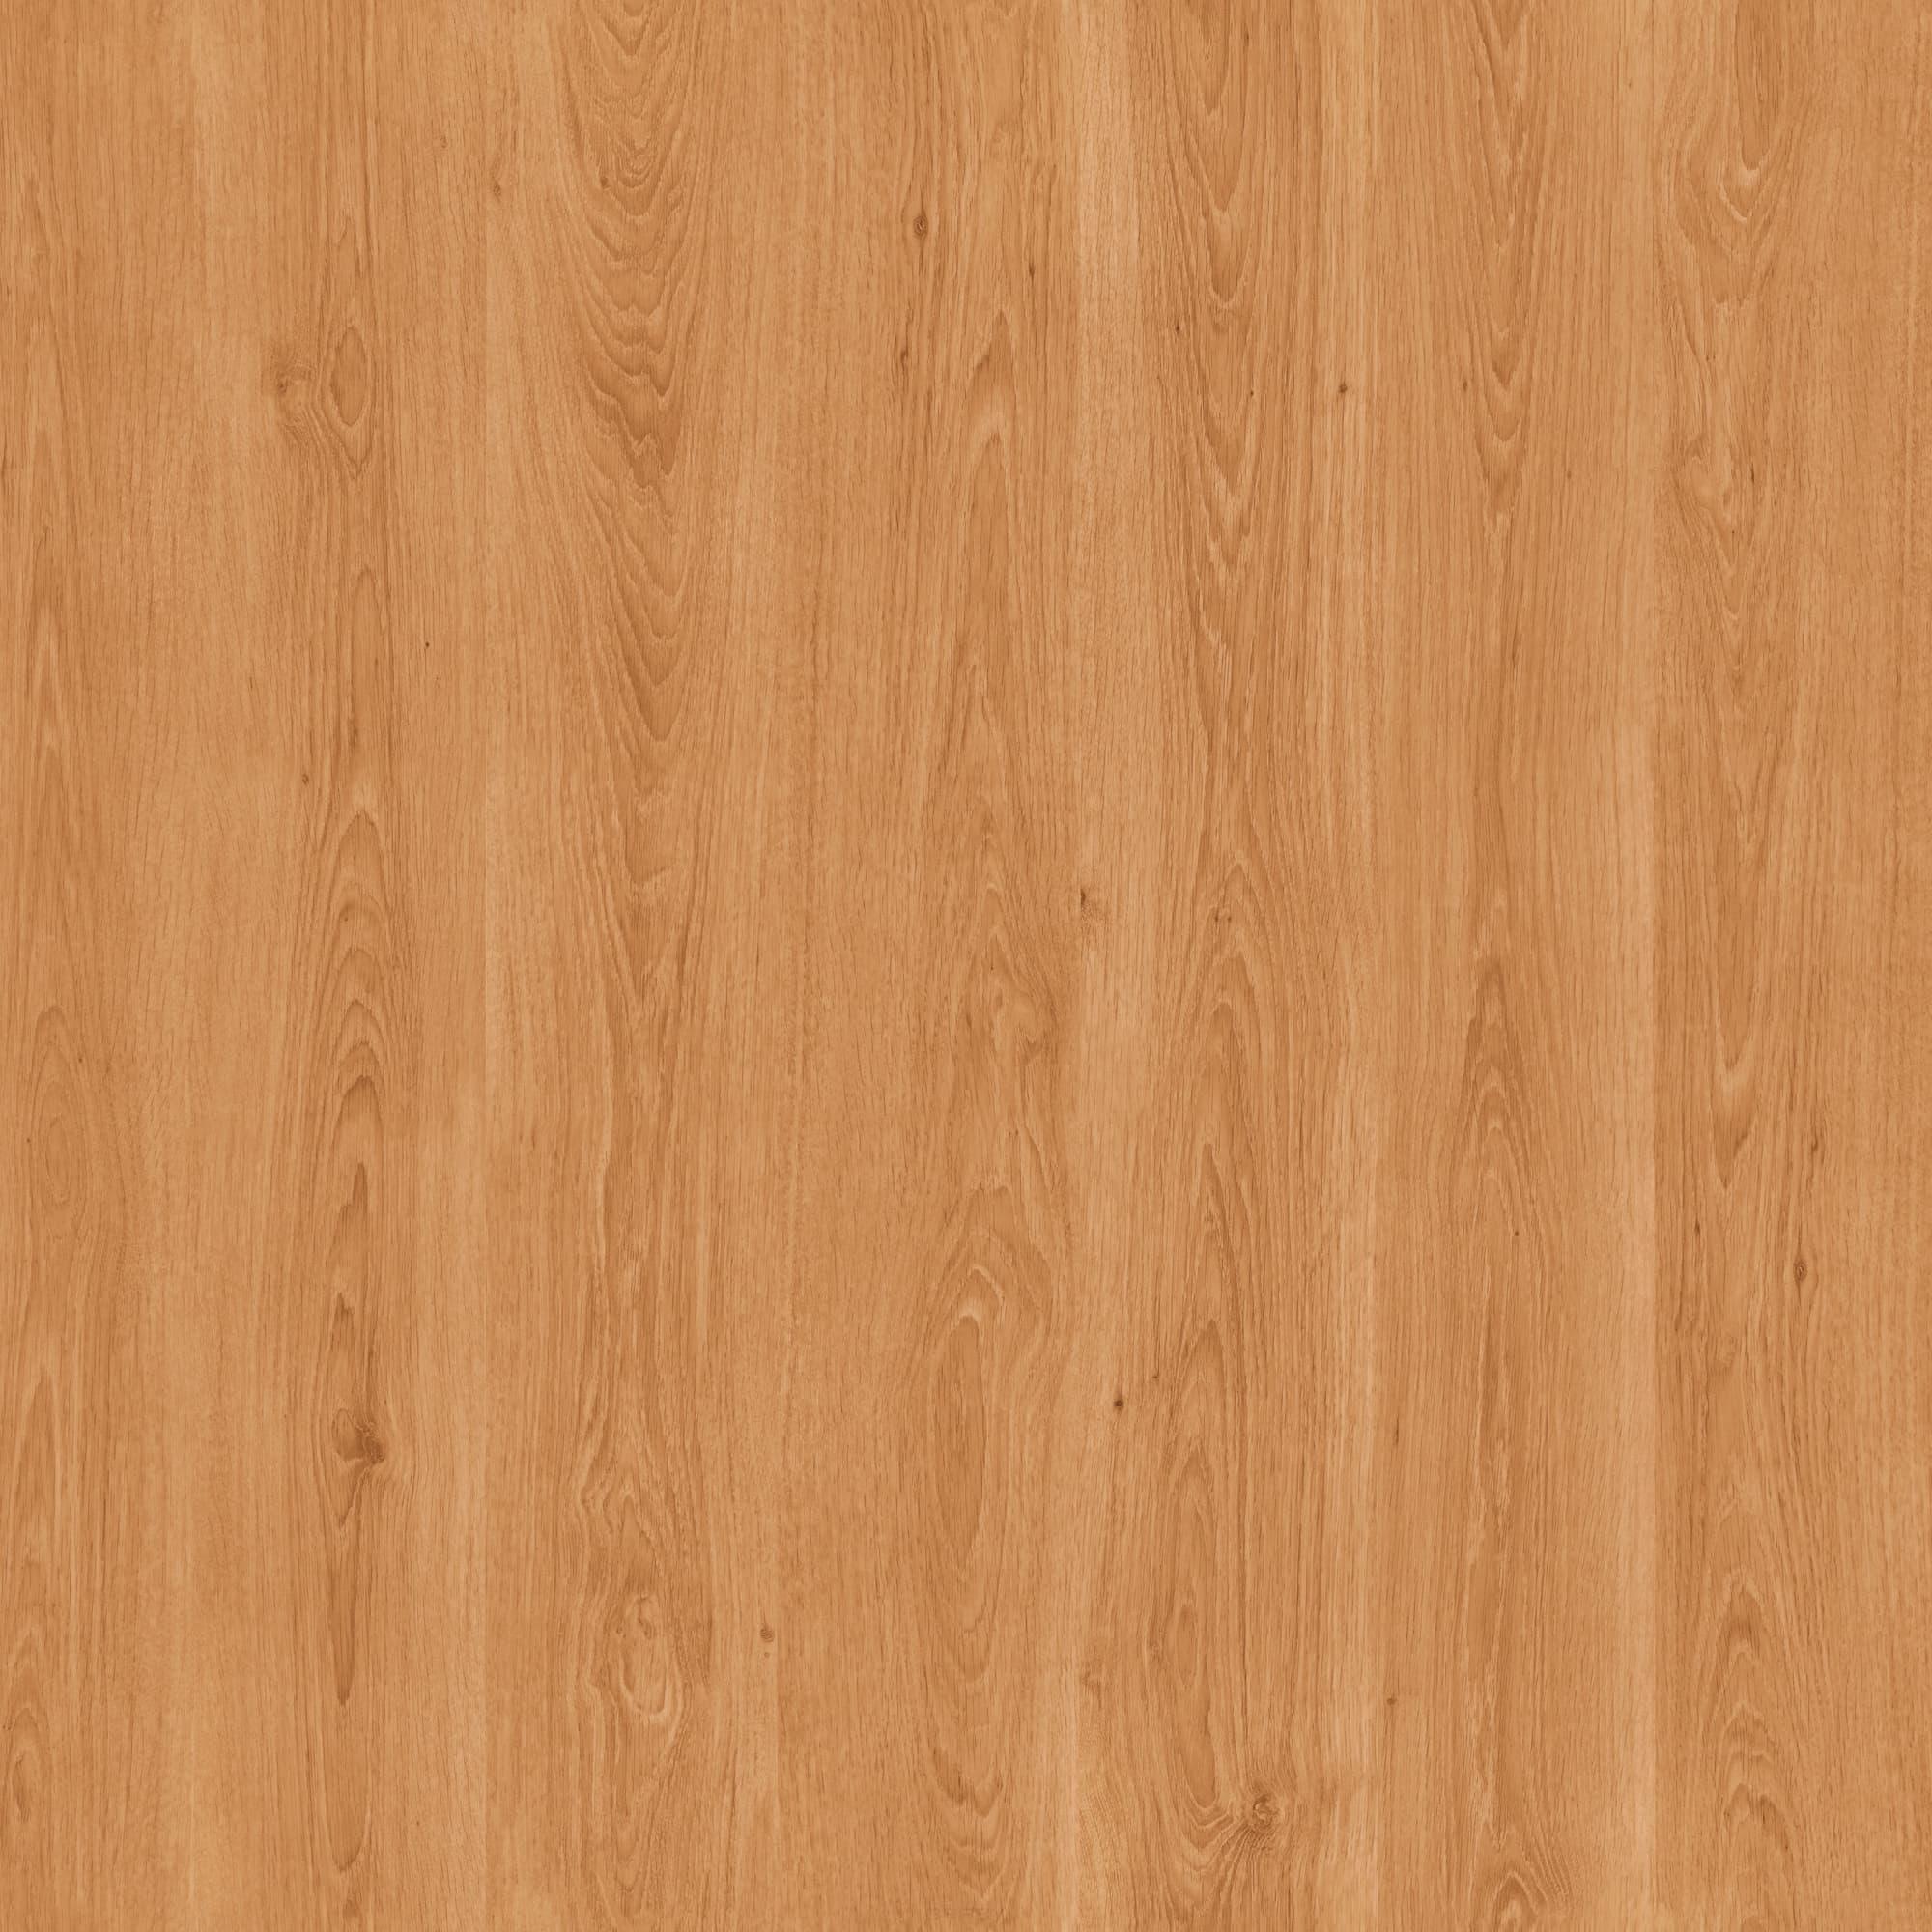 Имидж Мастер, Стол маникюрный Лекс с тумбой (16 цветов) Ольха имидж мастер стол маникюрный лекс с тумбой 16 цветов бук